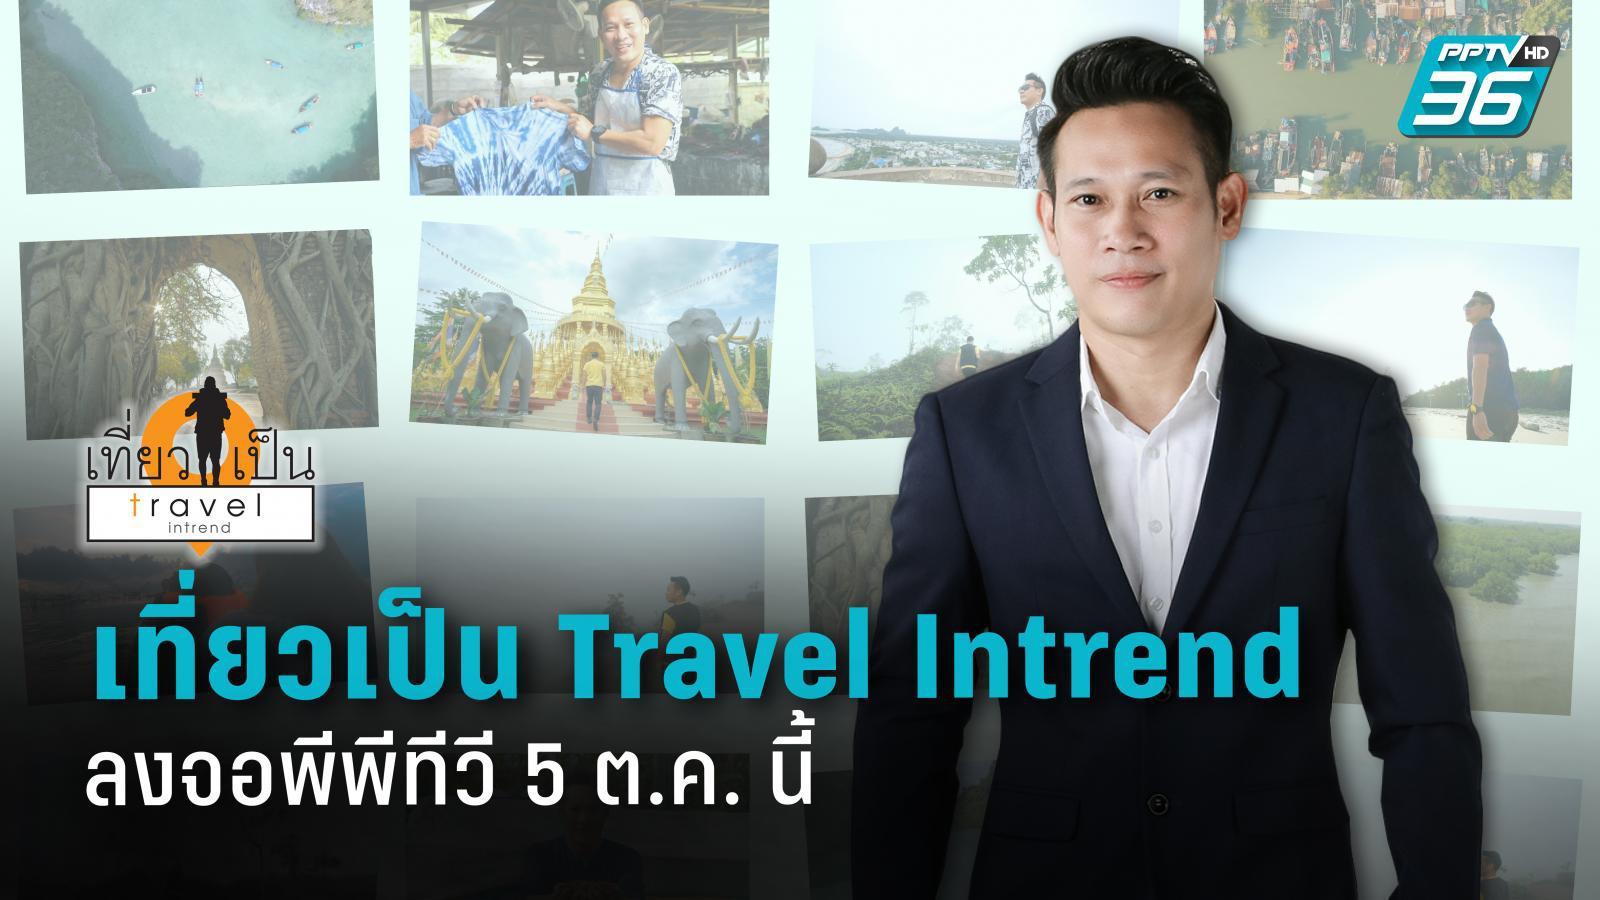 """พีพีทีวี ชวนตะลุยดินแดน สร้างแรงบันดาลใจ """"เที่ยวเป็นTravel Intrend""""เอาใจคนชอบเที่ยว"""